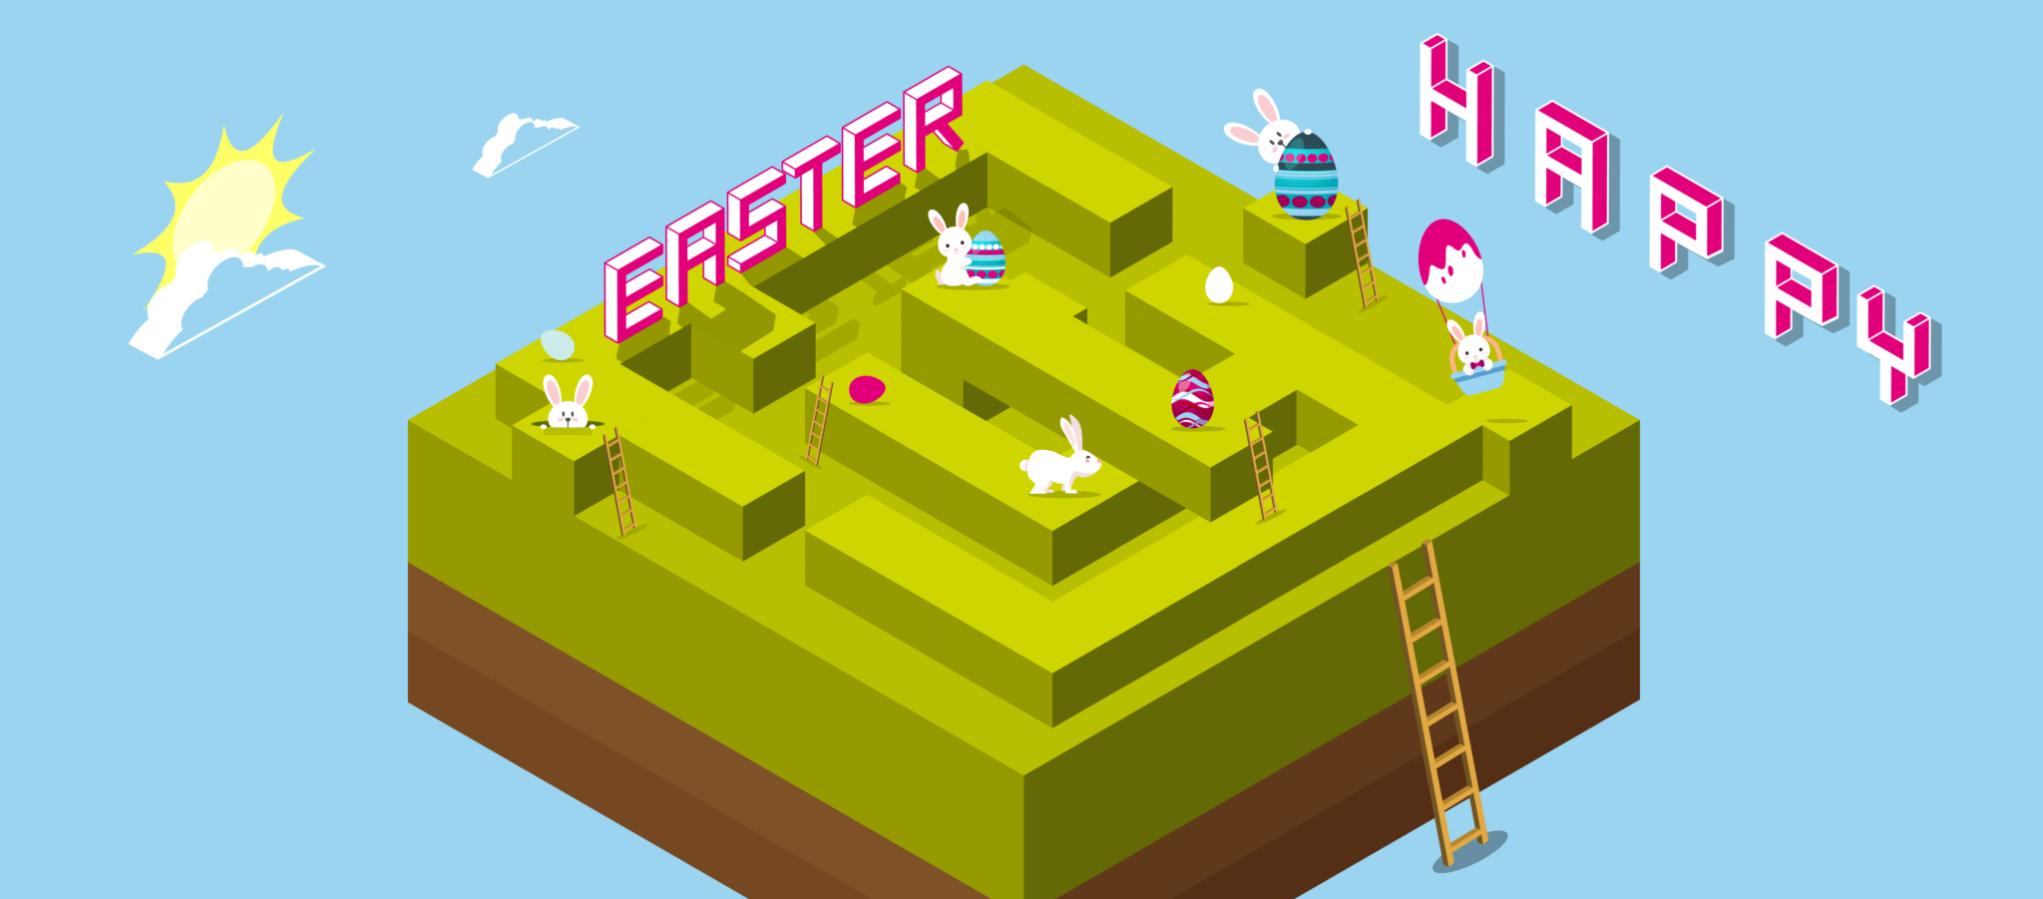 Wer findet die meisten Easter Eggs?